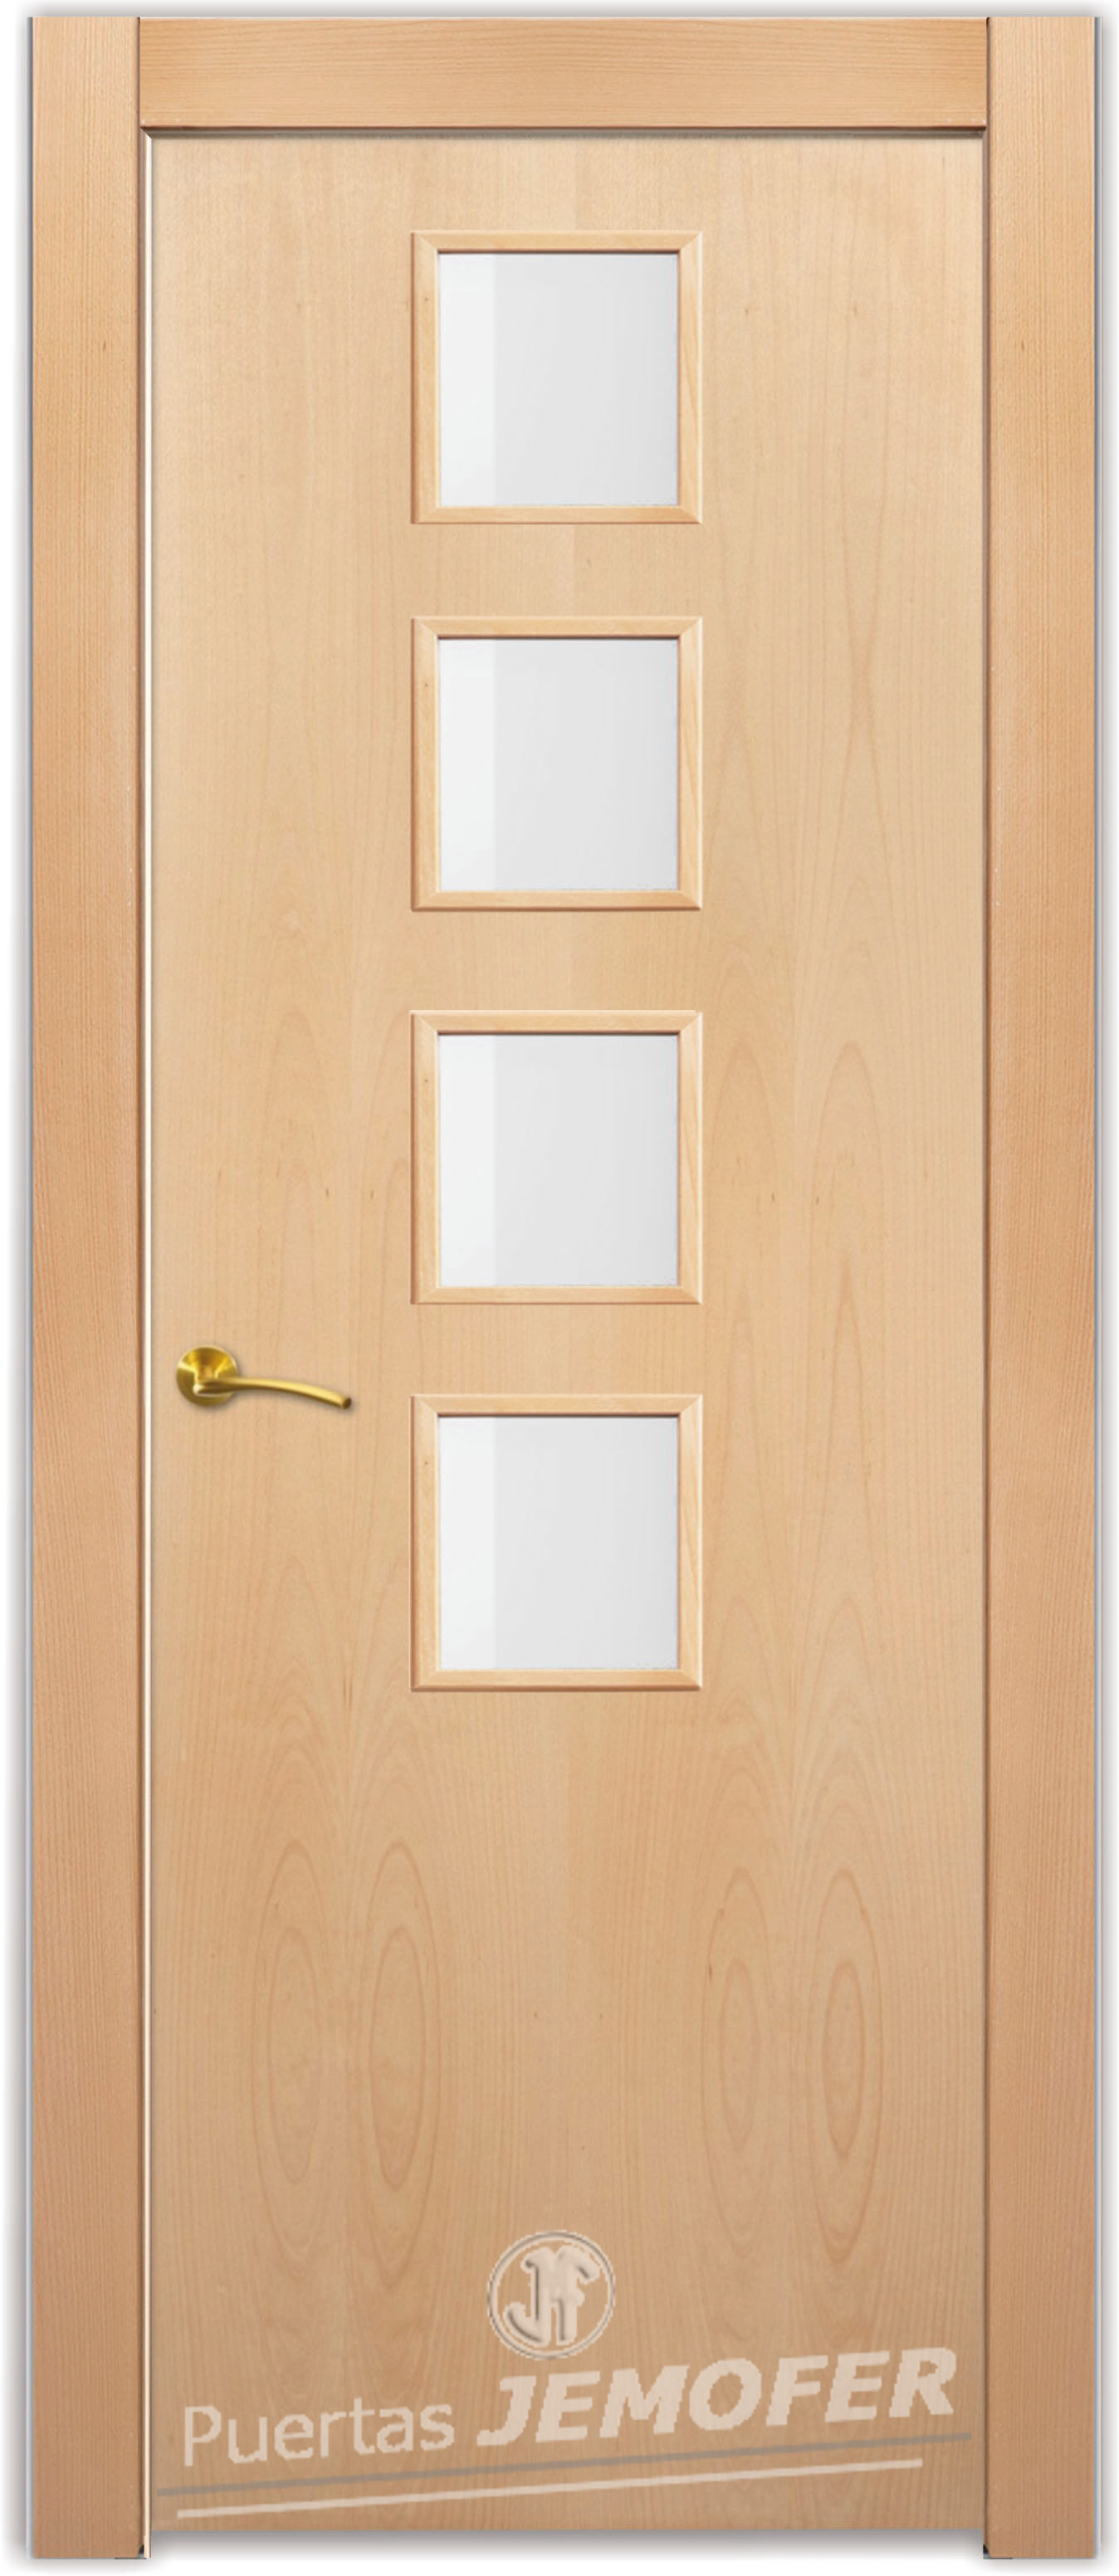 Puerta interior moderna l1 4vc puertas jemofer for Puertas de interior modernas precios